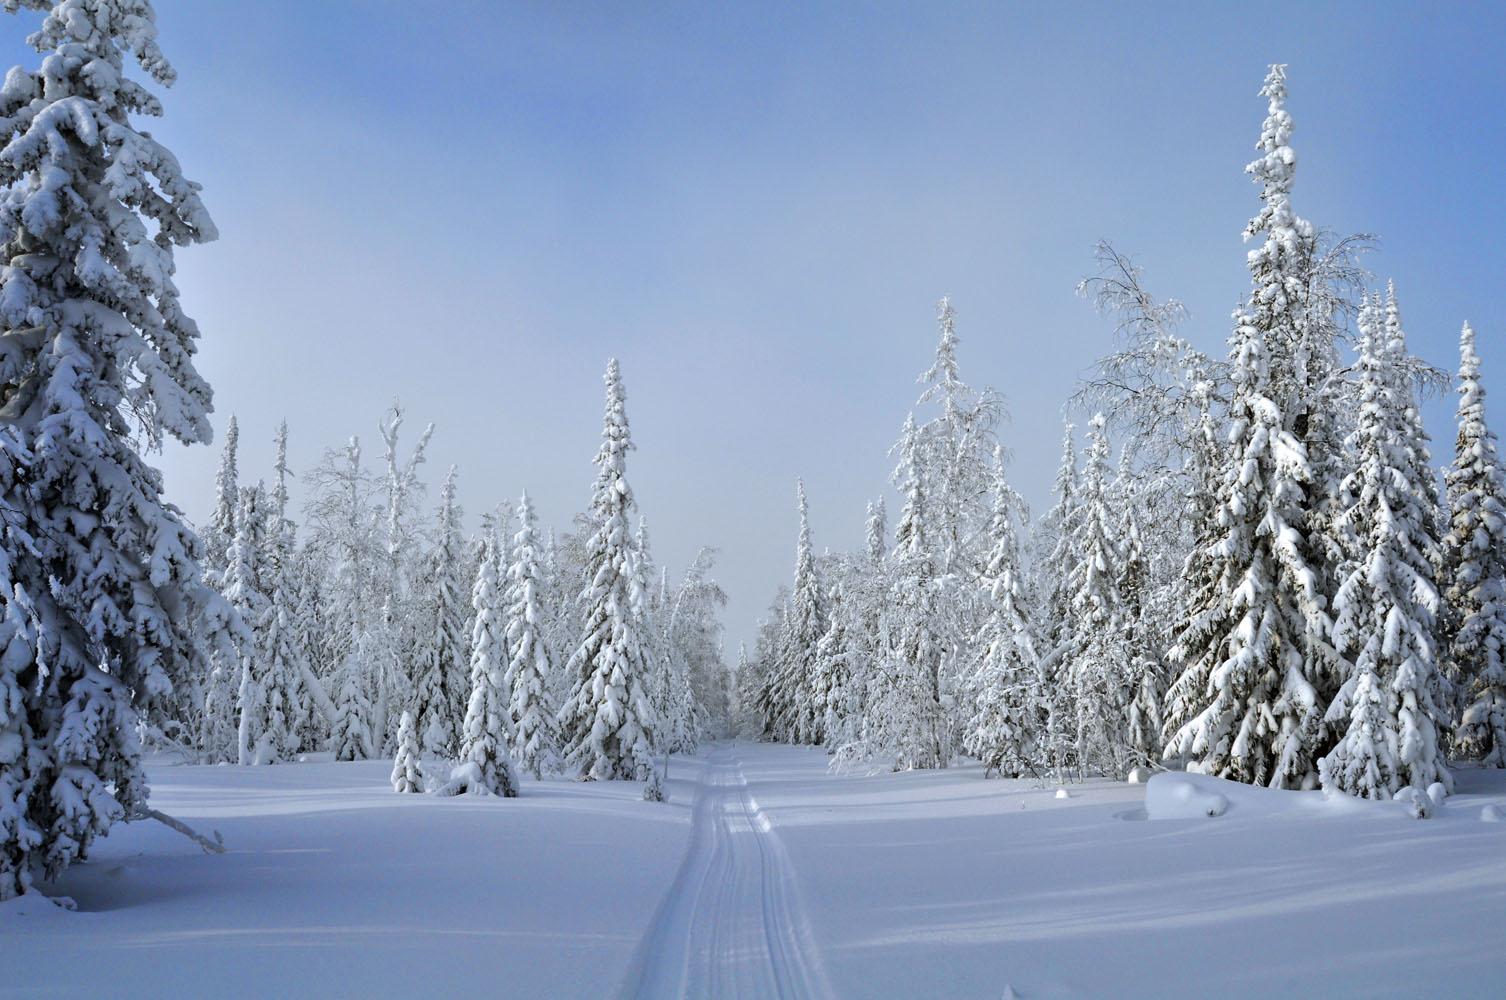 поляна в лесу зимой картинки компания располагает множеством